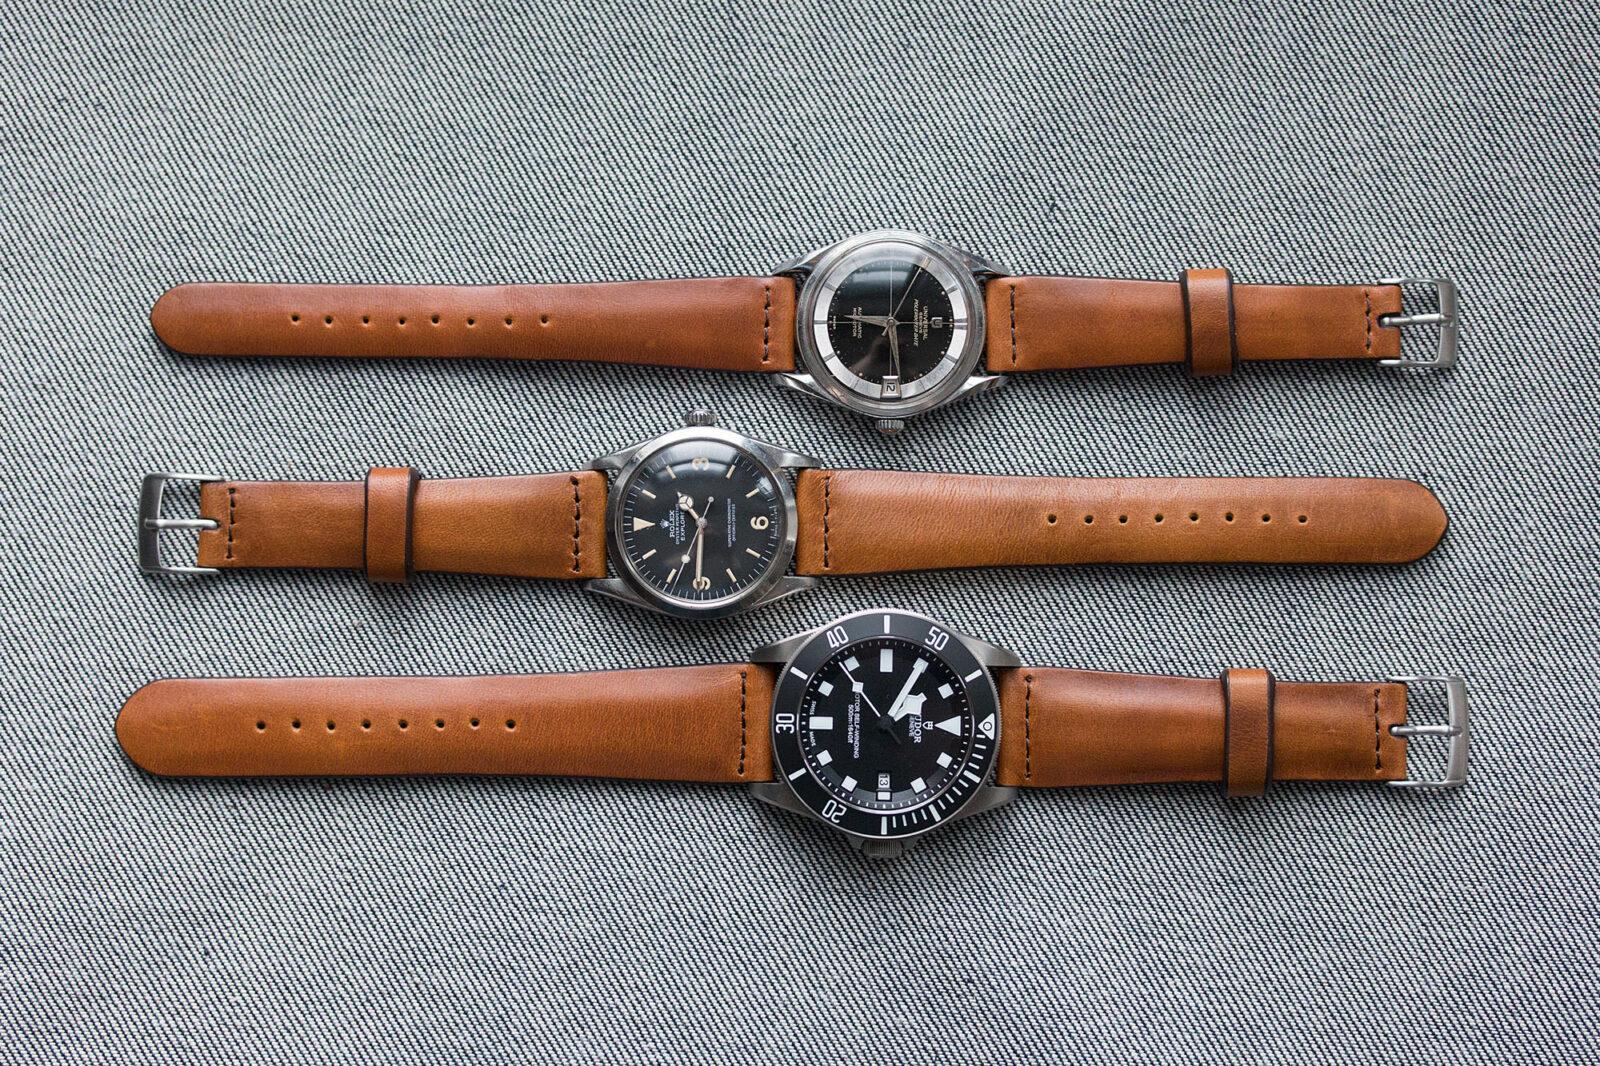 Worn and Wound Vintage Rye Watch Strap 1600x1066 - Worn & Wound Vintage Rye Watch Strap